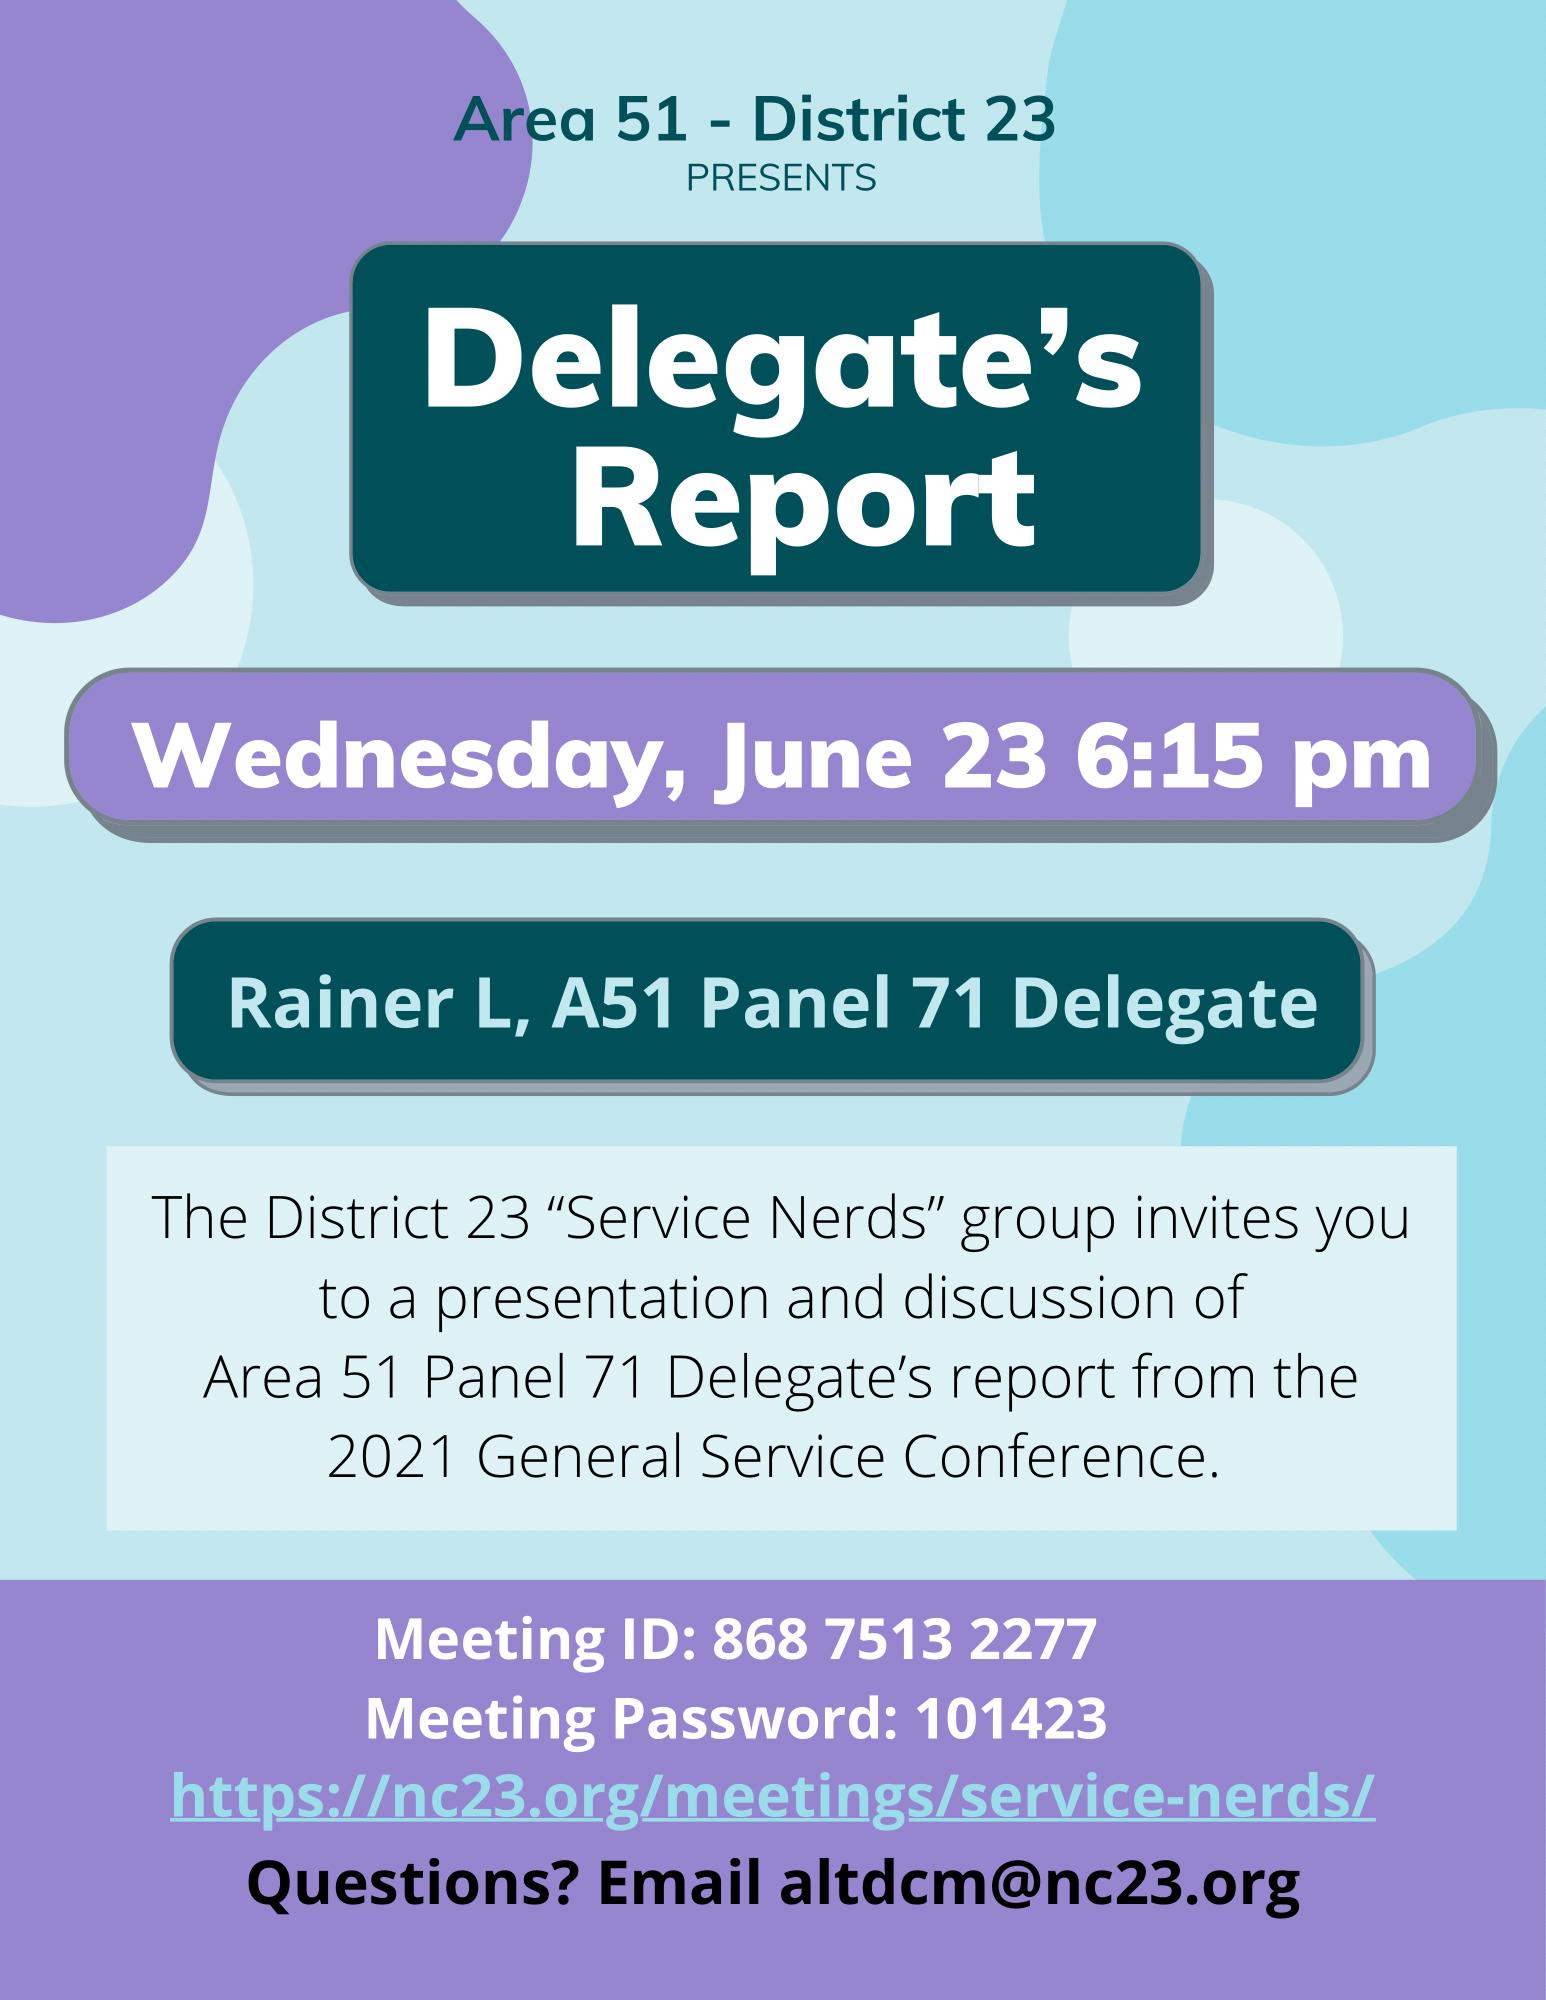 Delegate's Report - Area 51 - District 23